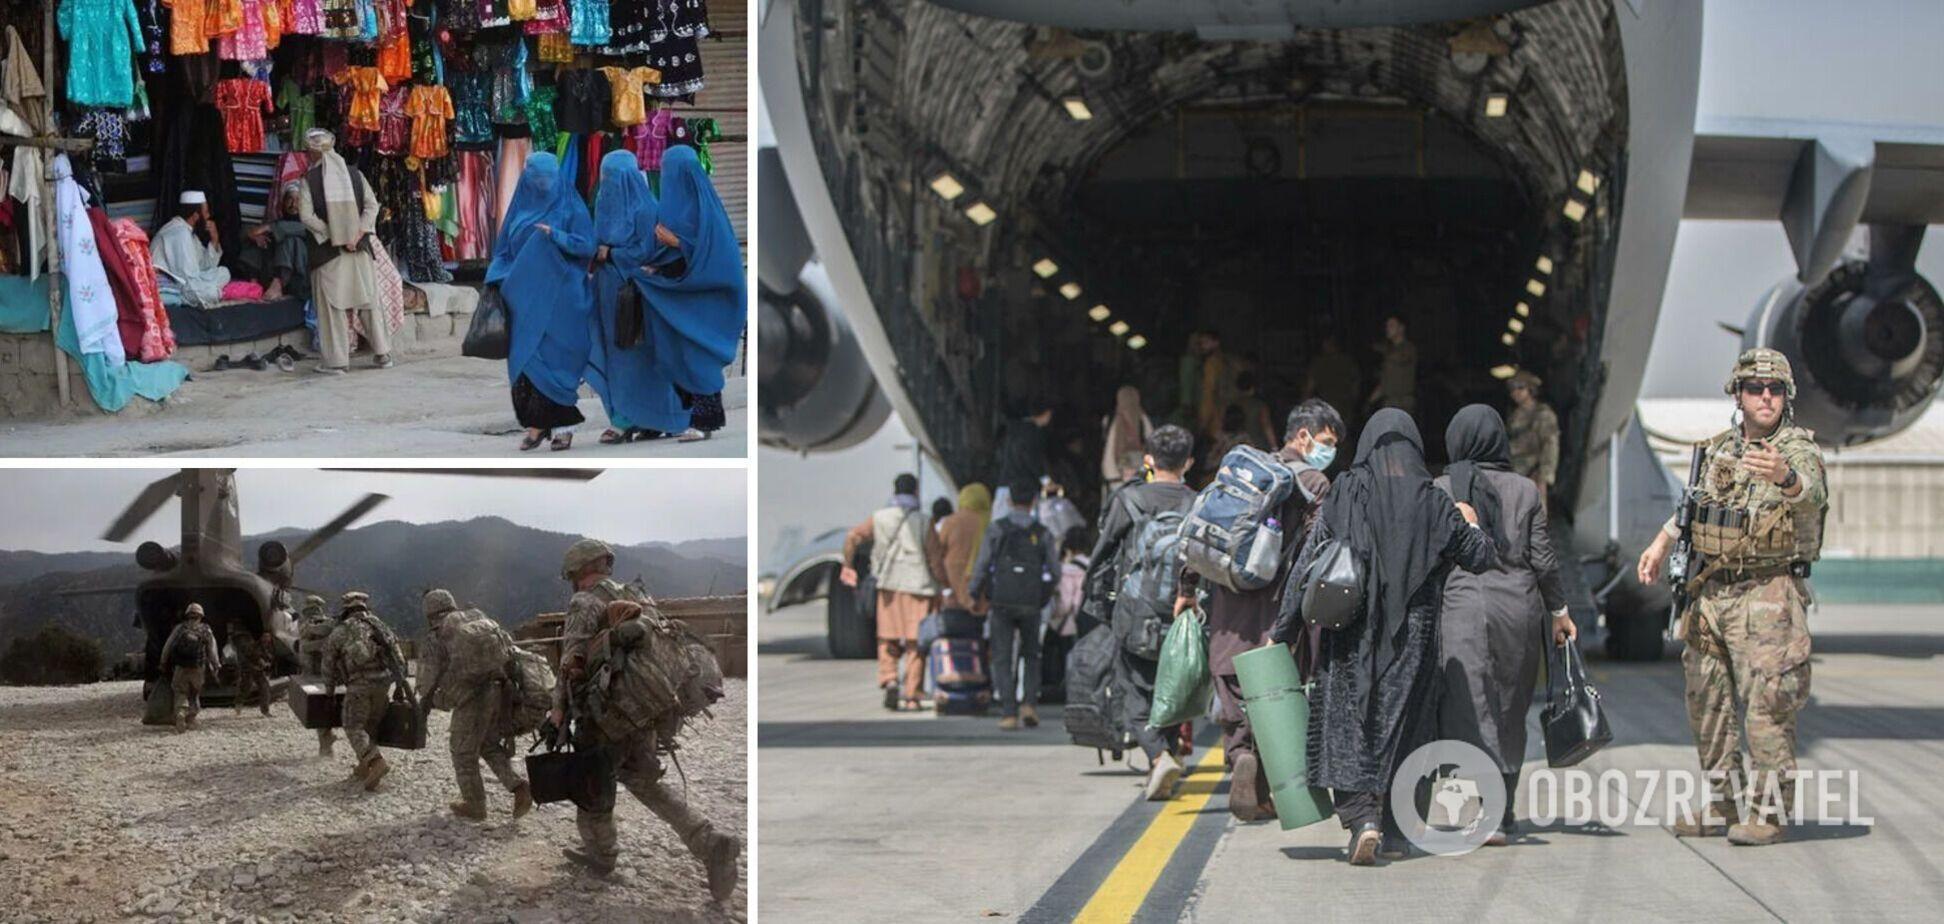 Надели паранджу: британские спецназовцы бежали из Афганистана, замаскировавшись под женщин